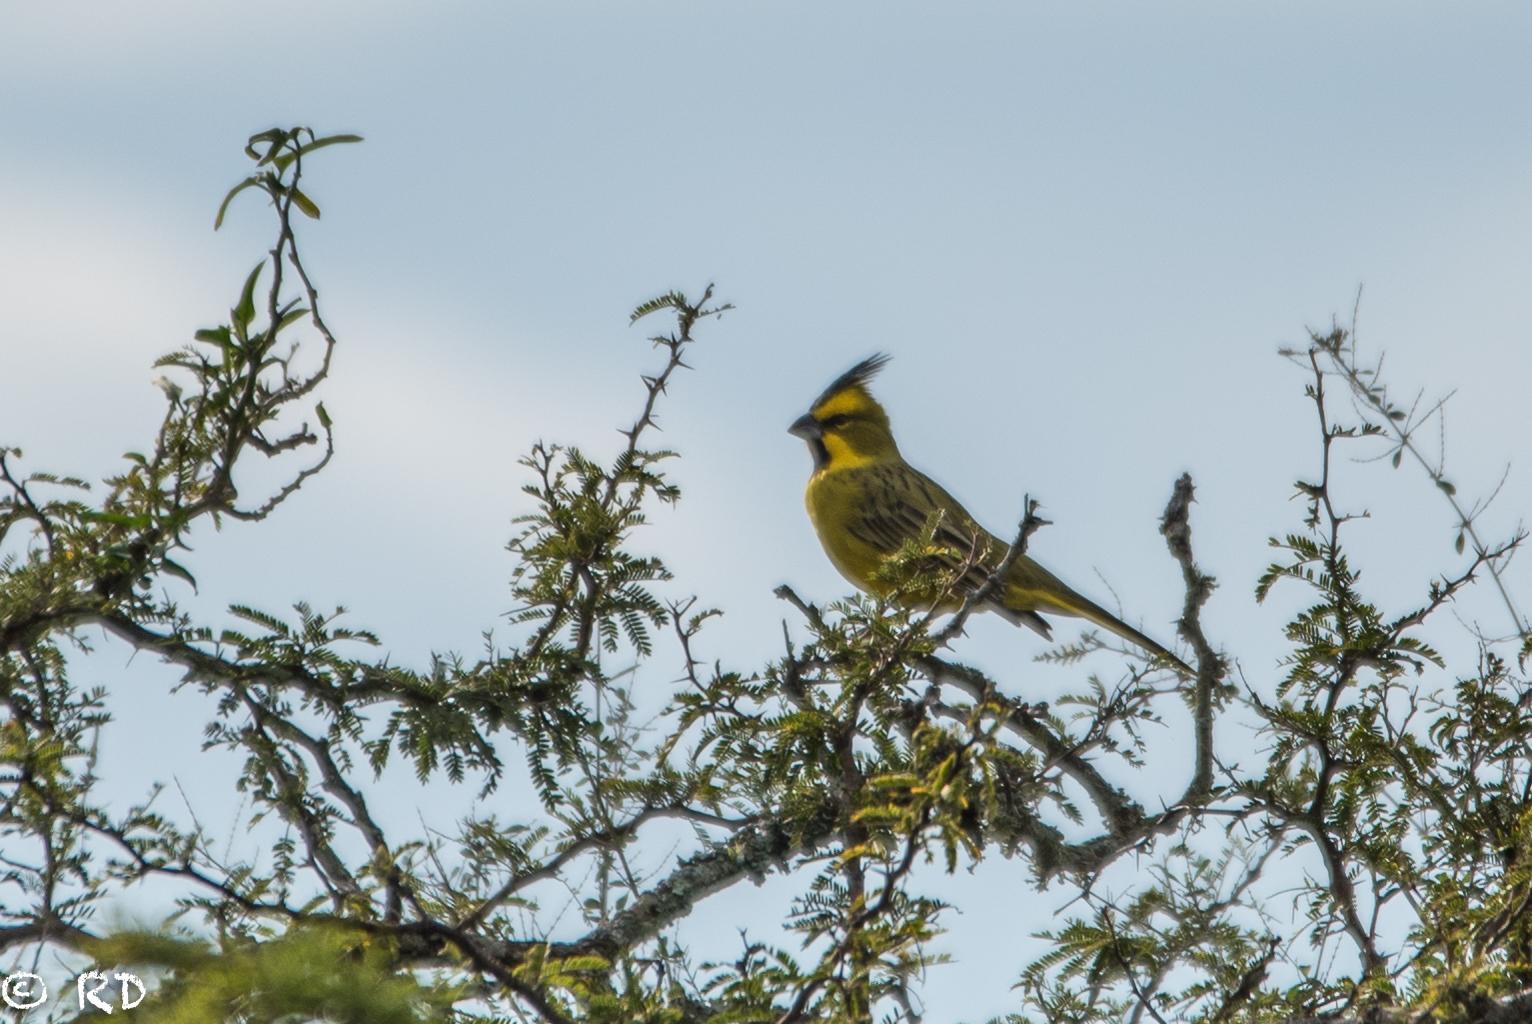 A ave cardeal amarelo pousasdo na copa de uma árvore no Parque Estadual do Espinilho. Foto: Roberto Dall Agnol